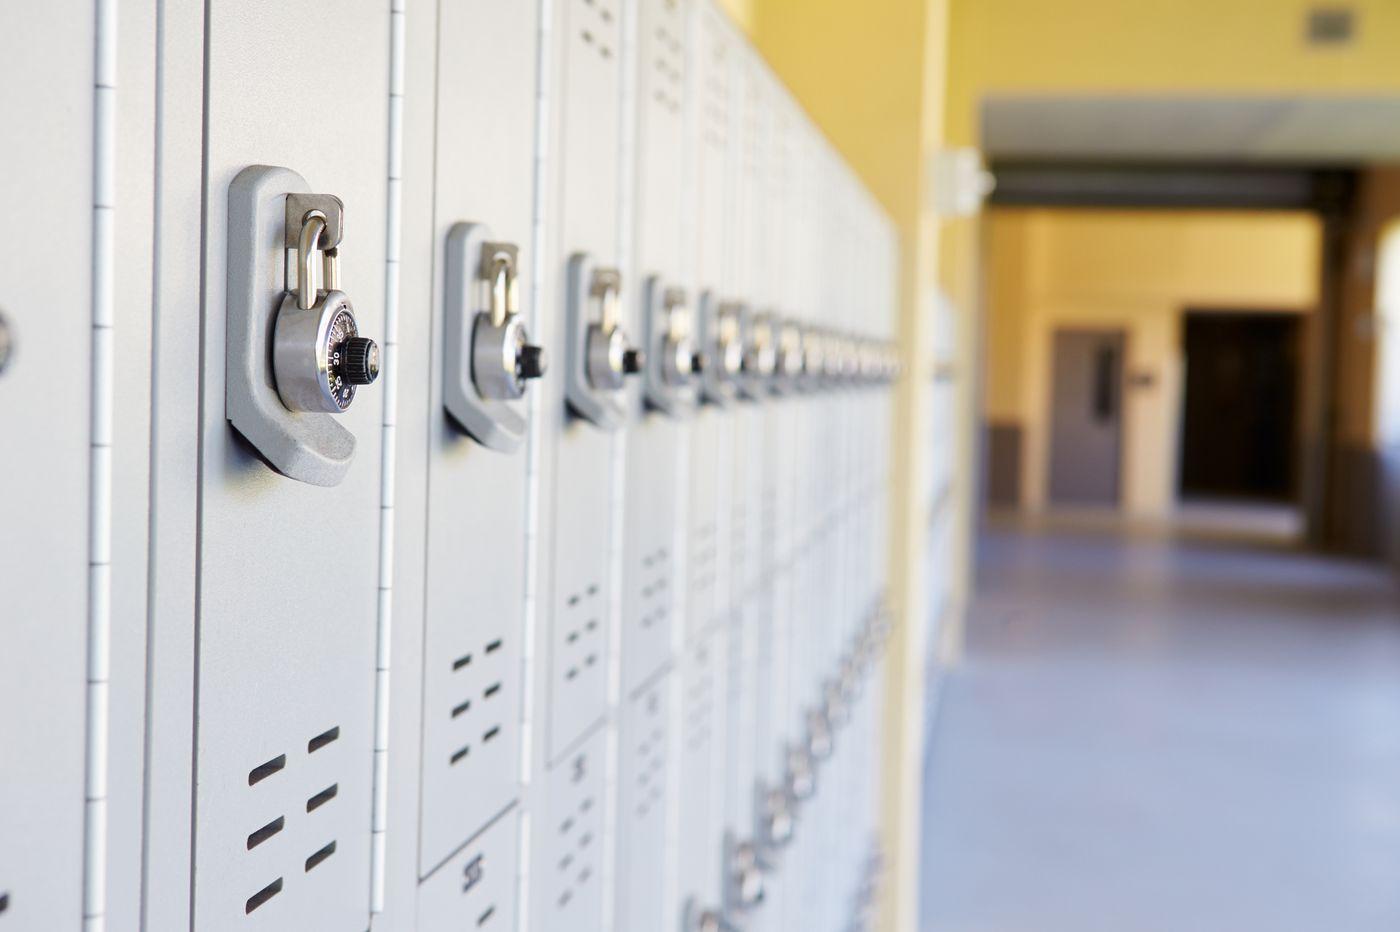 Authorities: Carbon monoxide sickens 12, shutters Berks County school